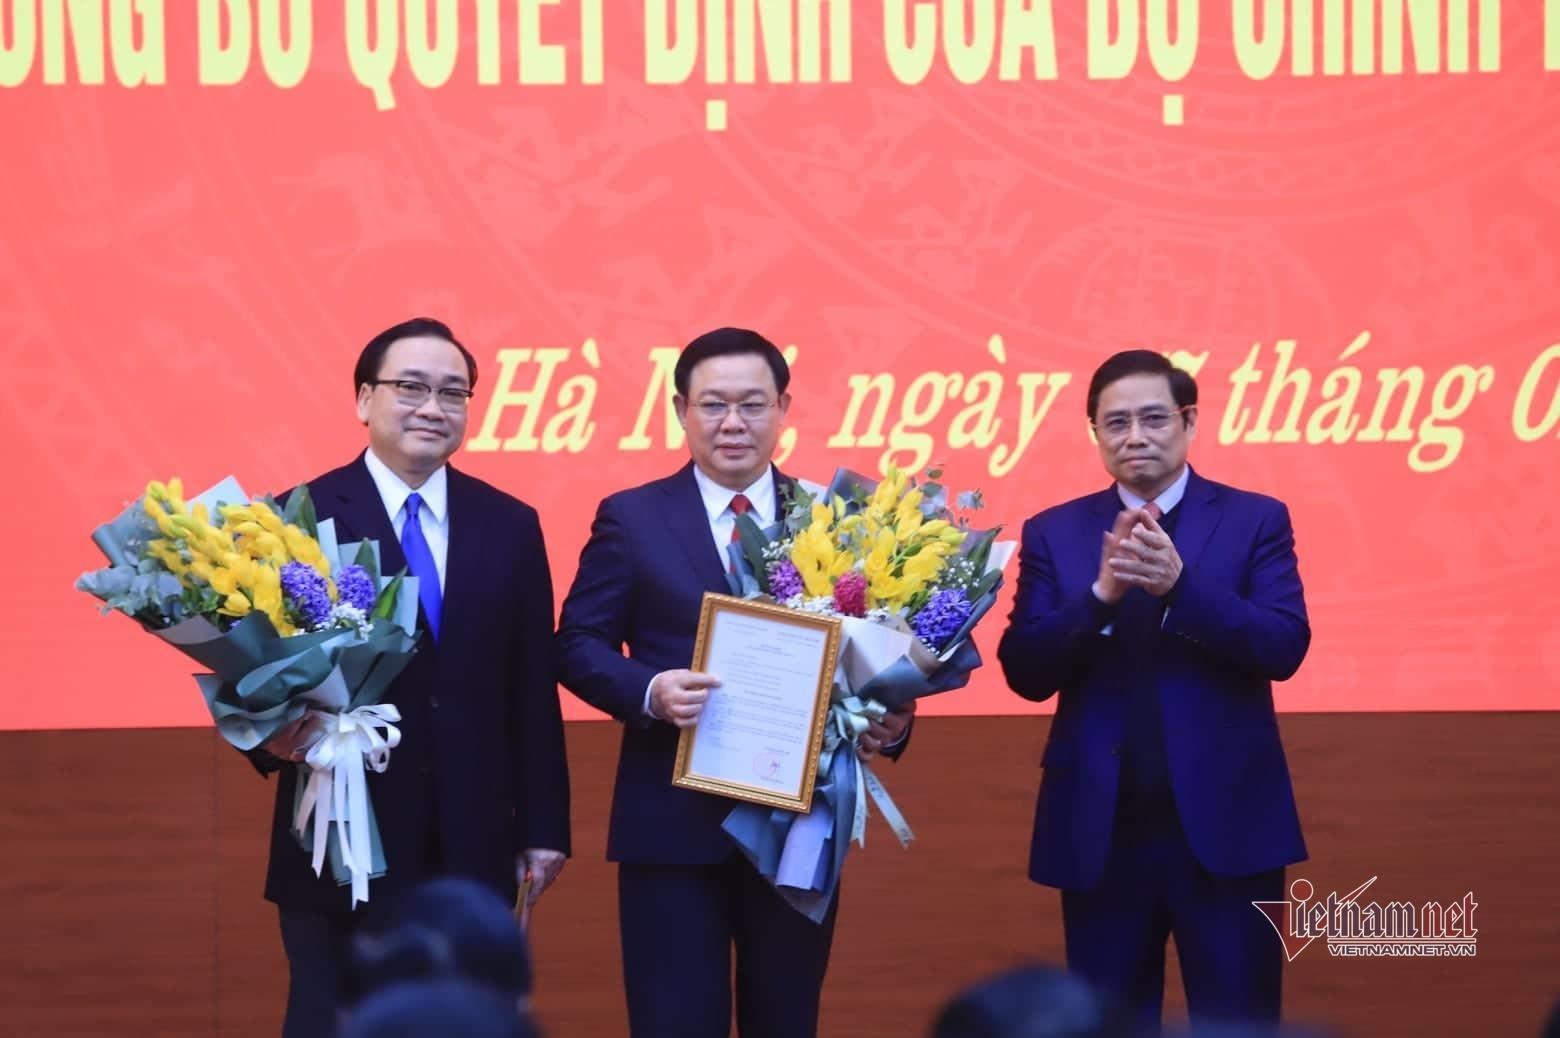 Ông Vương Đình Huệ làm Bí thư Thành ủy Hà Nội